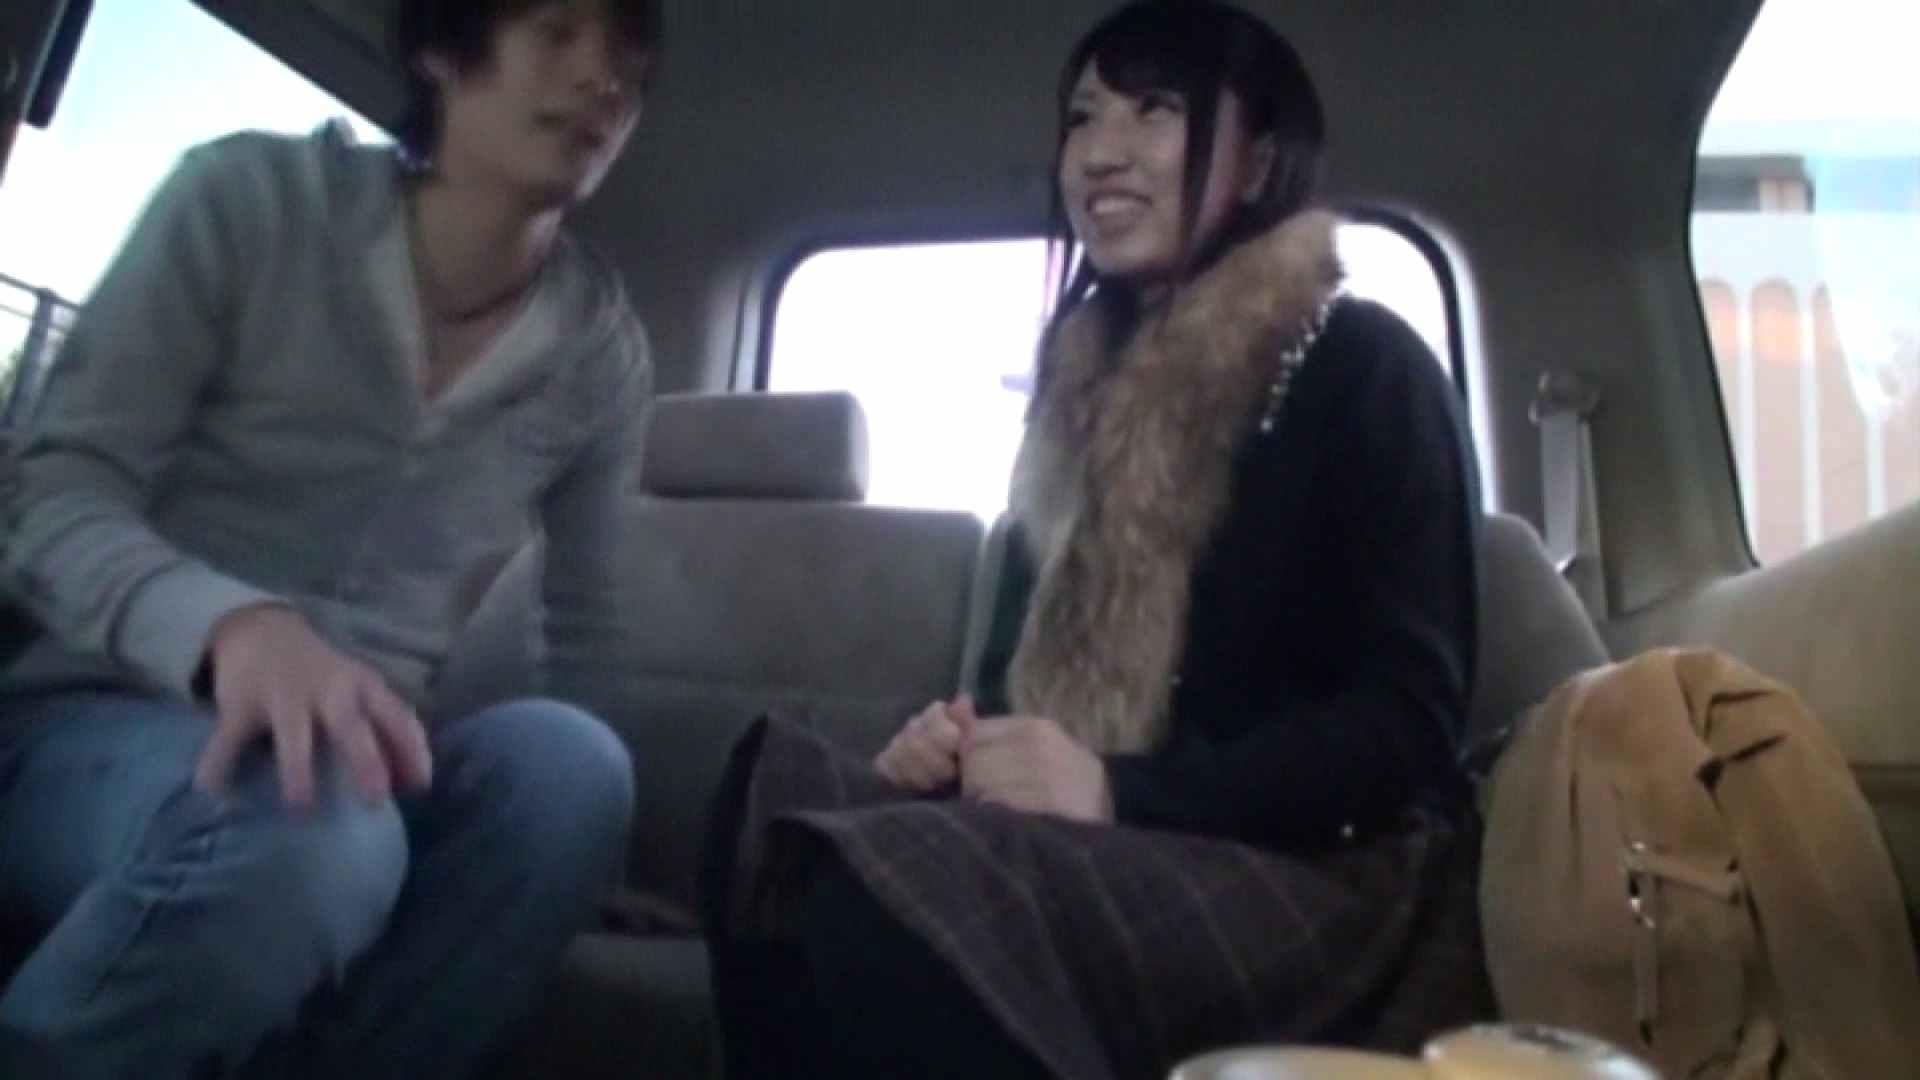 もぎたて旬の果実 Vol.04 乙女エロ画像 | OLエロ画像  61PICs 19